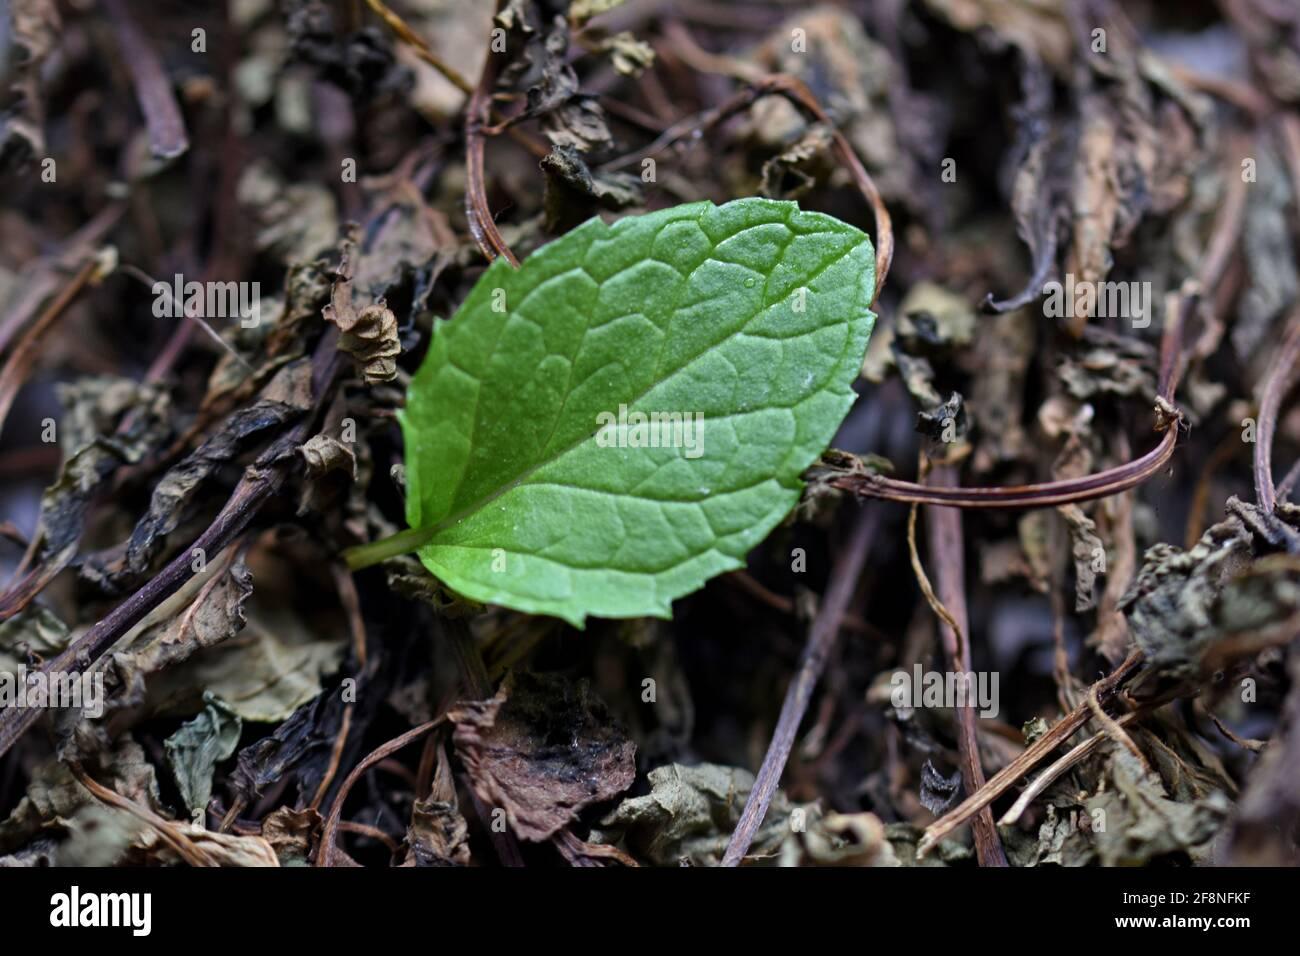 Menta fresca y seca dejar sobre un fondo blanco, hierbas secas para el uso en medicina, fitoterapia, spa, tinturas de cosméticos herbales Foto de stock